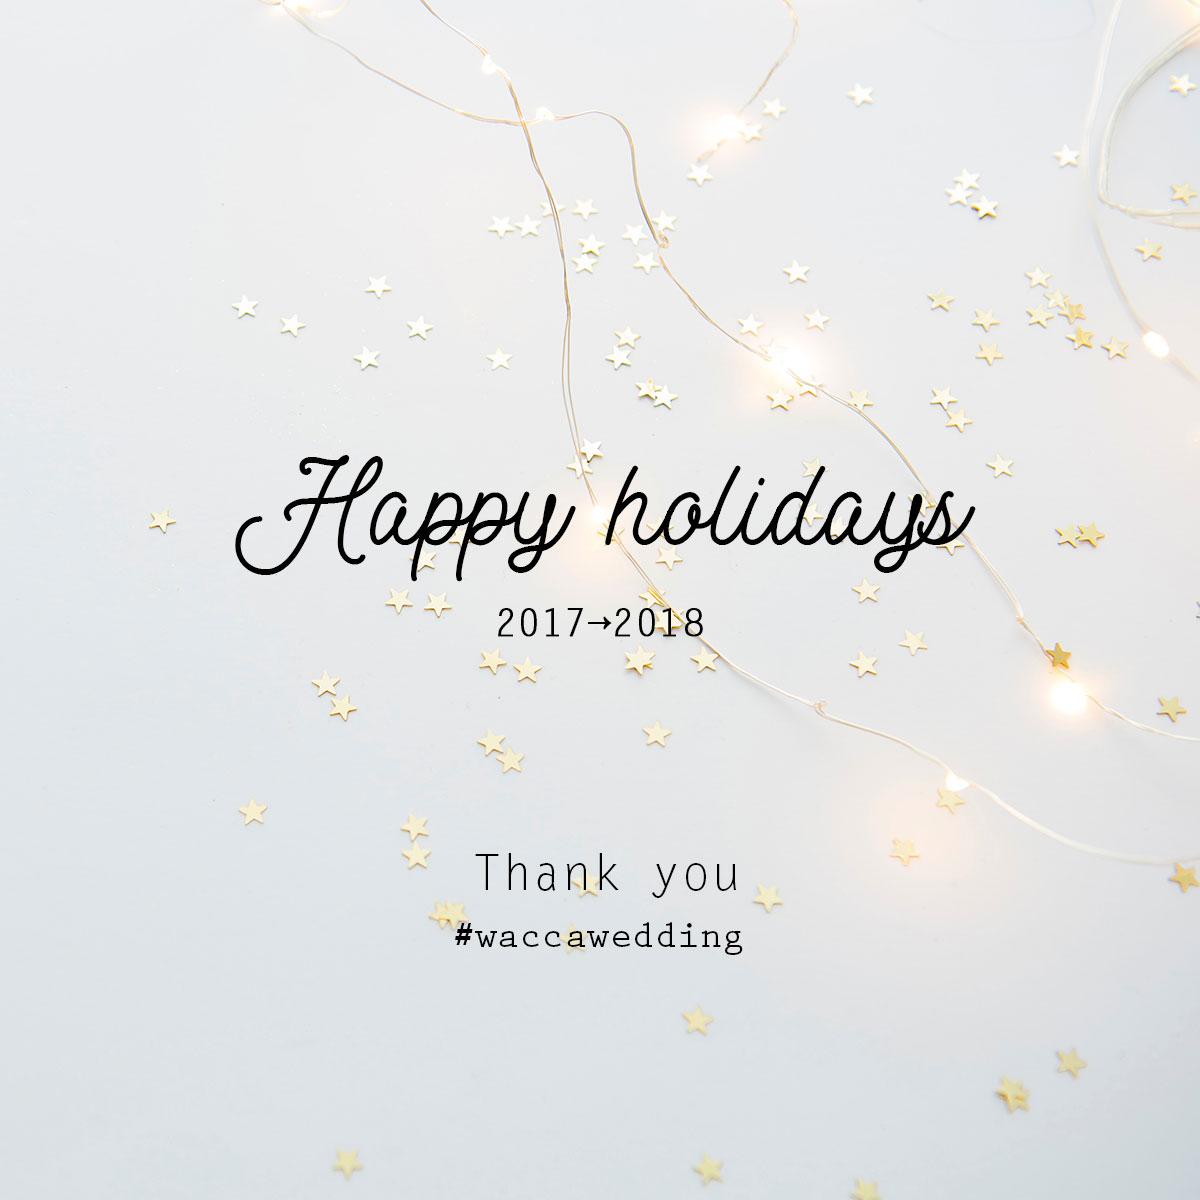 2017年ありがとうございました!みなさま良いお年を♪